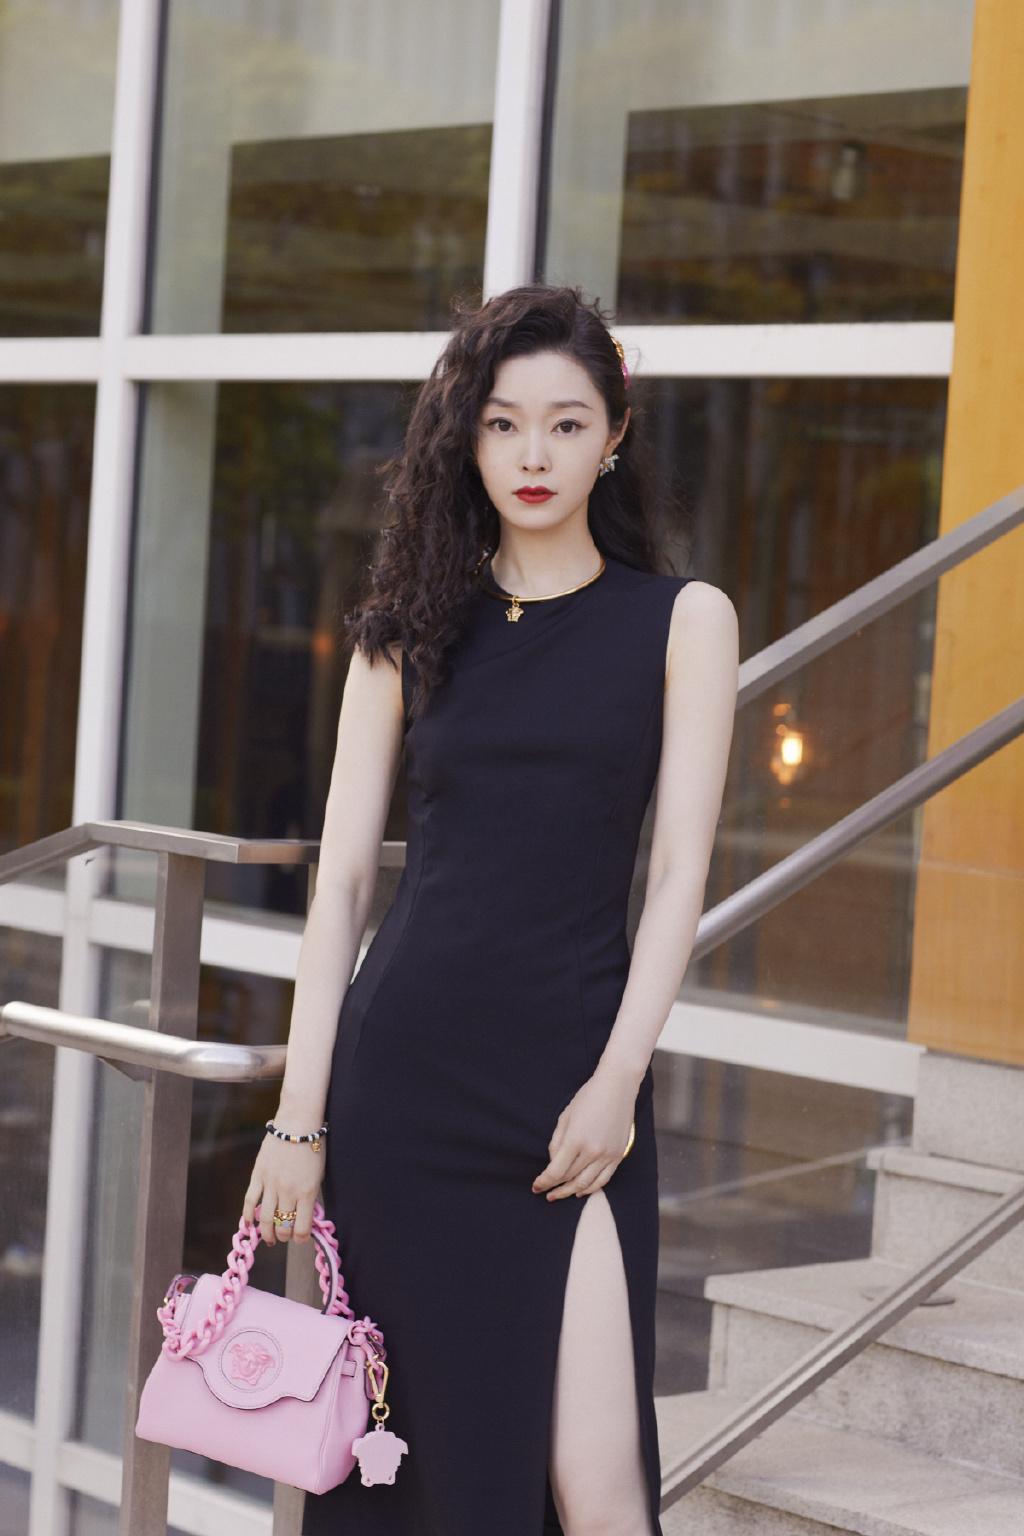 宋轶羊毛卷复古发型搭配黑色开叉长裙个性摩登春日写真美照